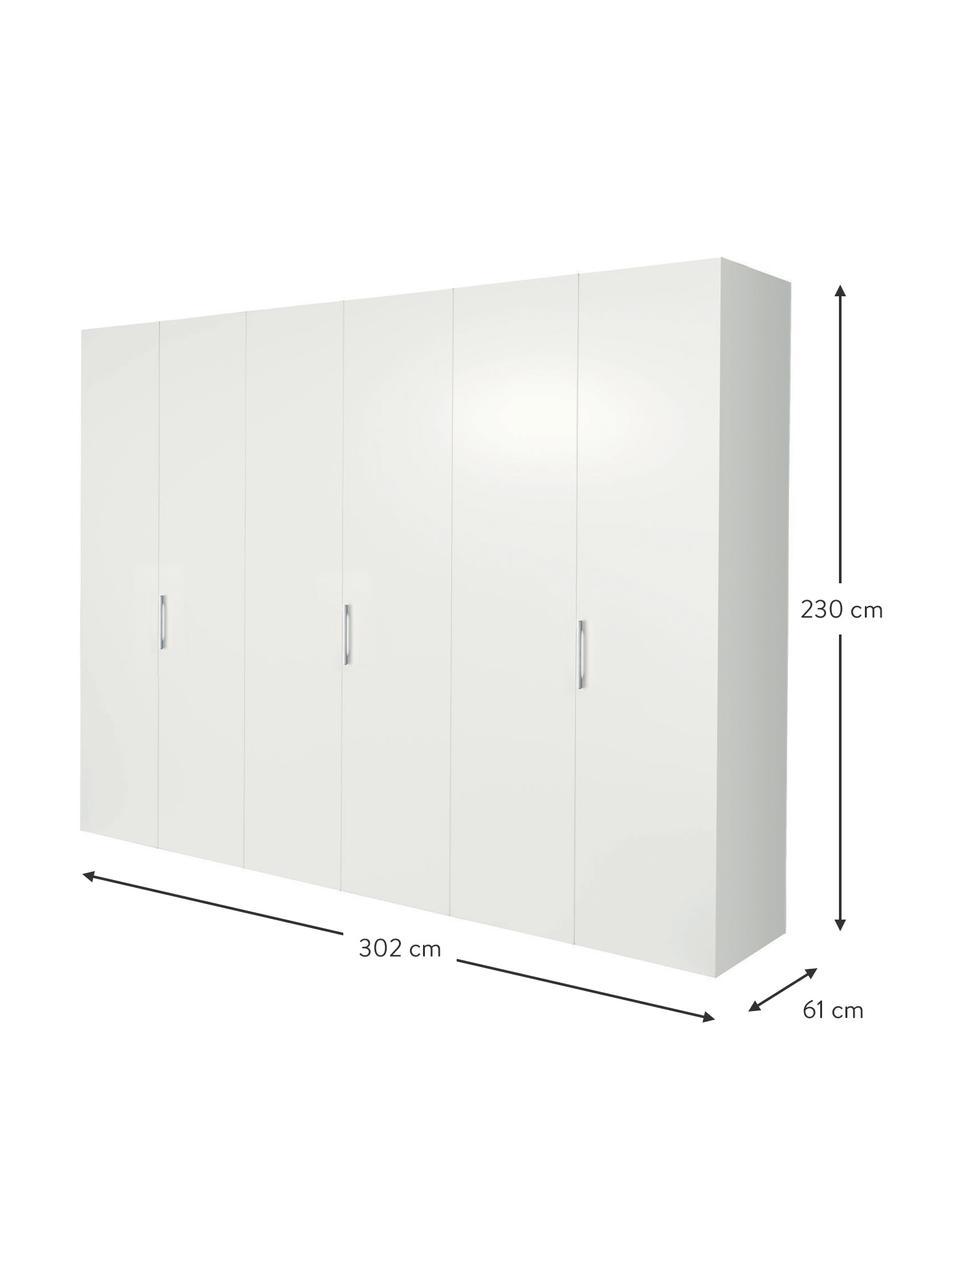 XL Kleiderschrank Madison mit 6 Türen in Weiß, Korpus: Holzwerkstoffplatten, lac, Weiß, 302 x 230 cm